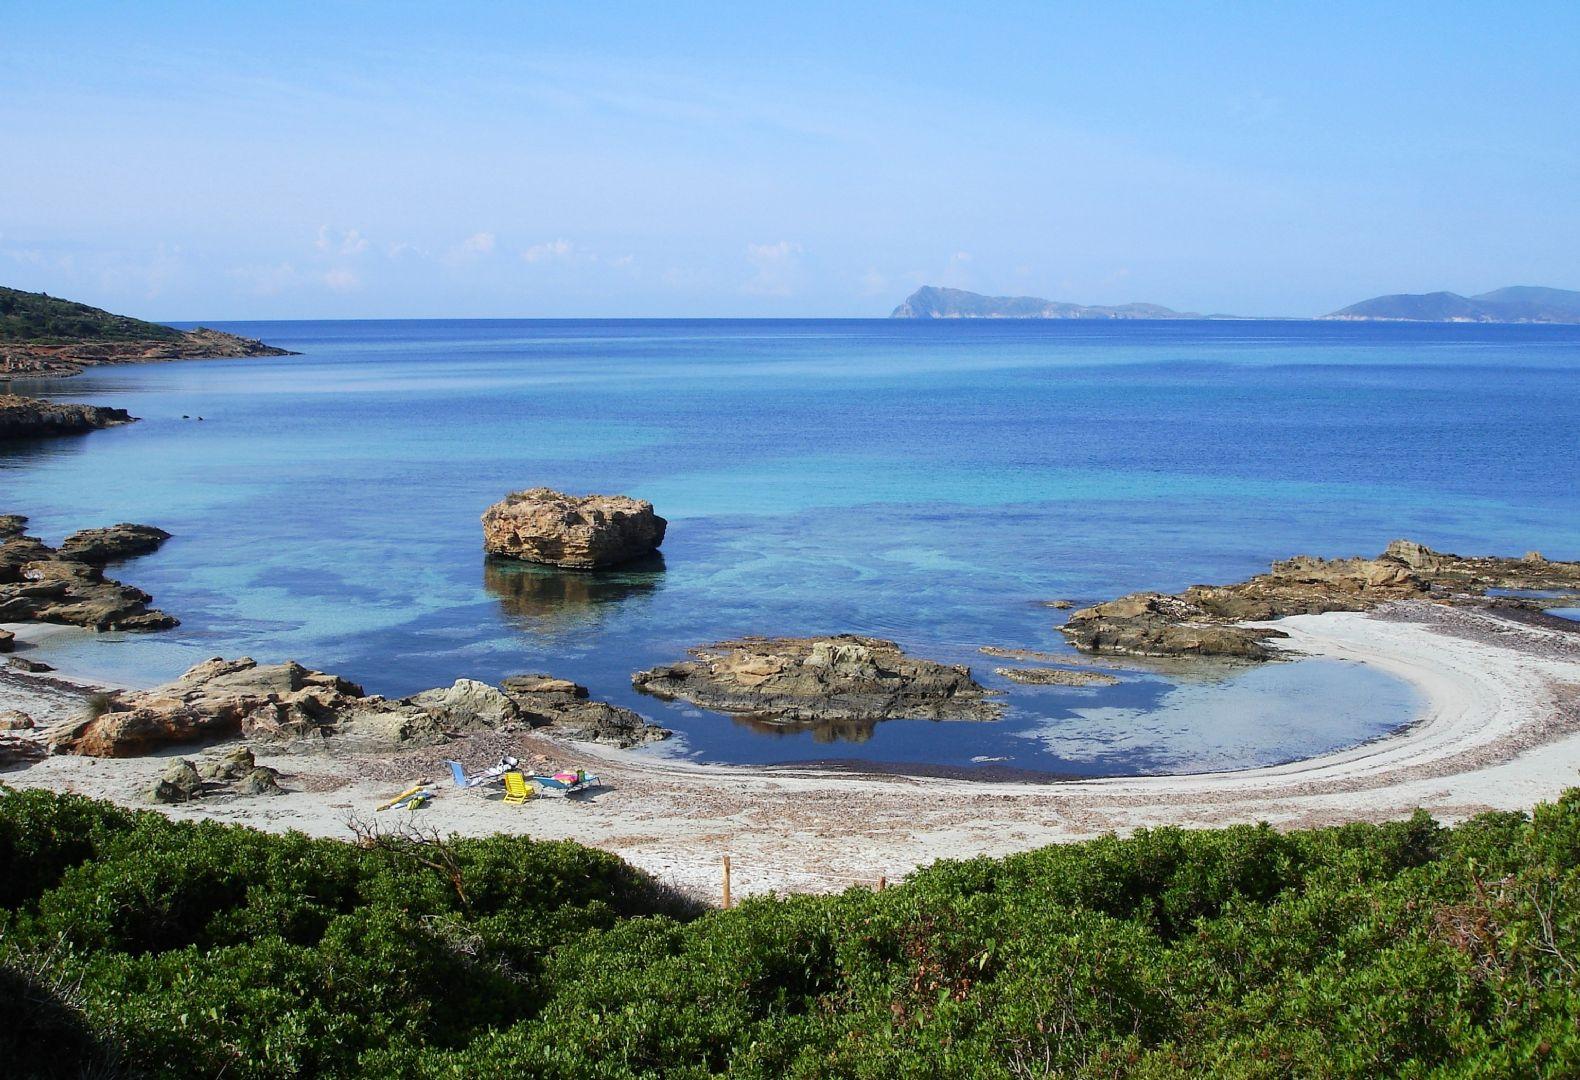 sardinialeisurecycling8.JPG - Sardinia - Coast to Coast - Mountain Biking